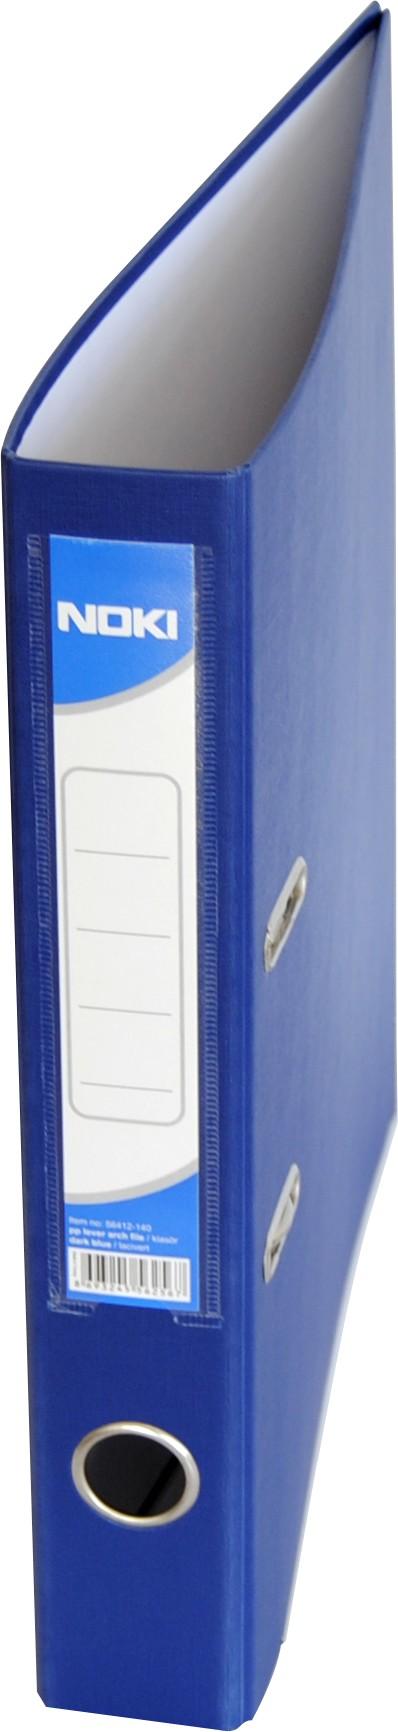 REGISTRATOR SAMOSTOJEĆI, PP, 50mm, plava